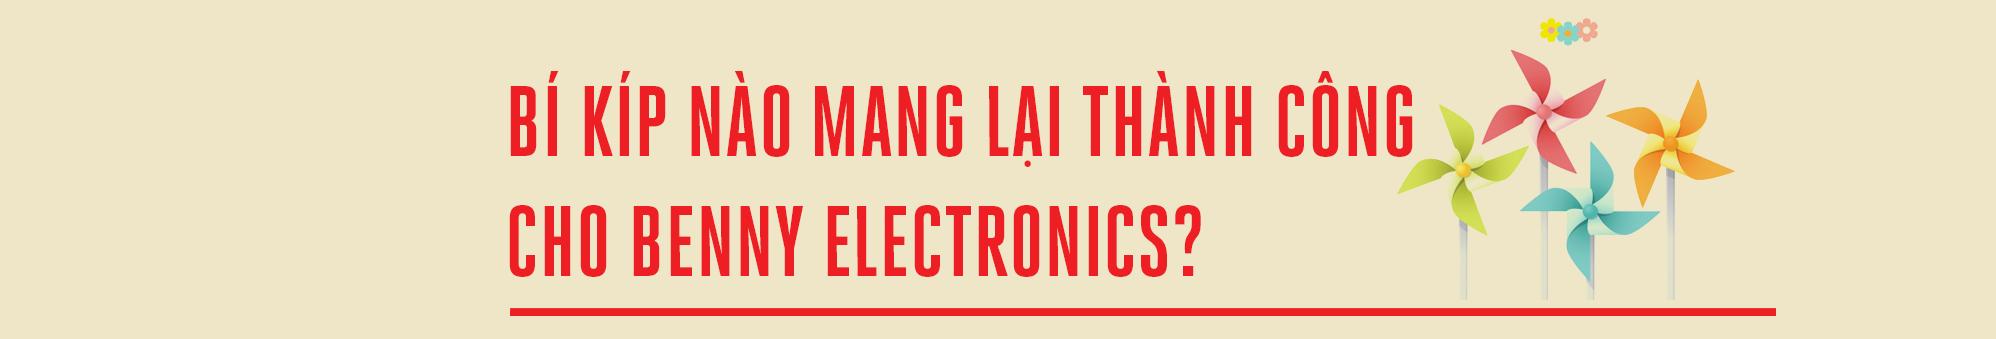 Benny Electronics và hành trình chiếm lĩnh trái tim người tiêu dùng Việt - Ảnh 4.